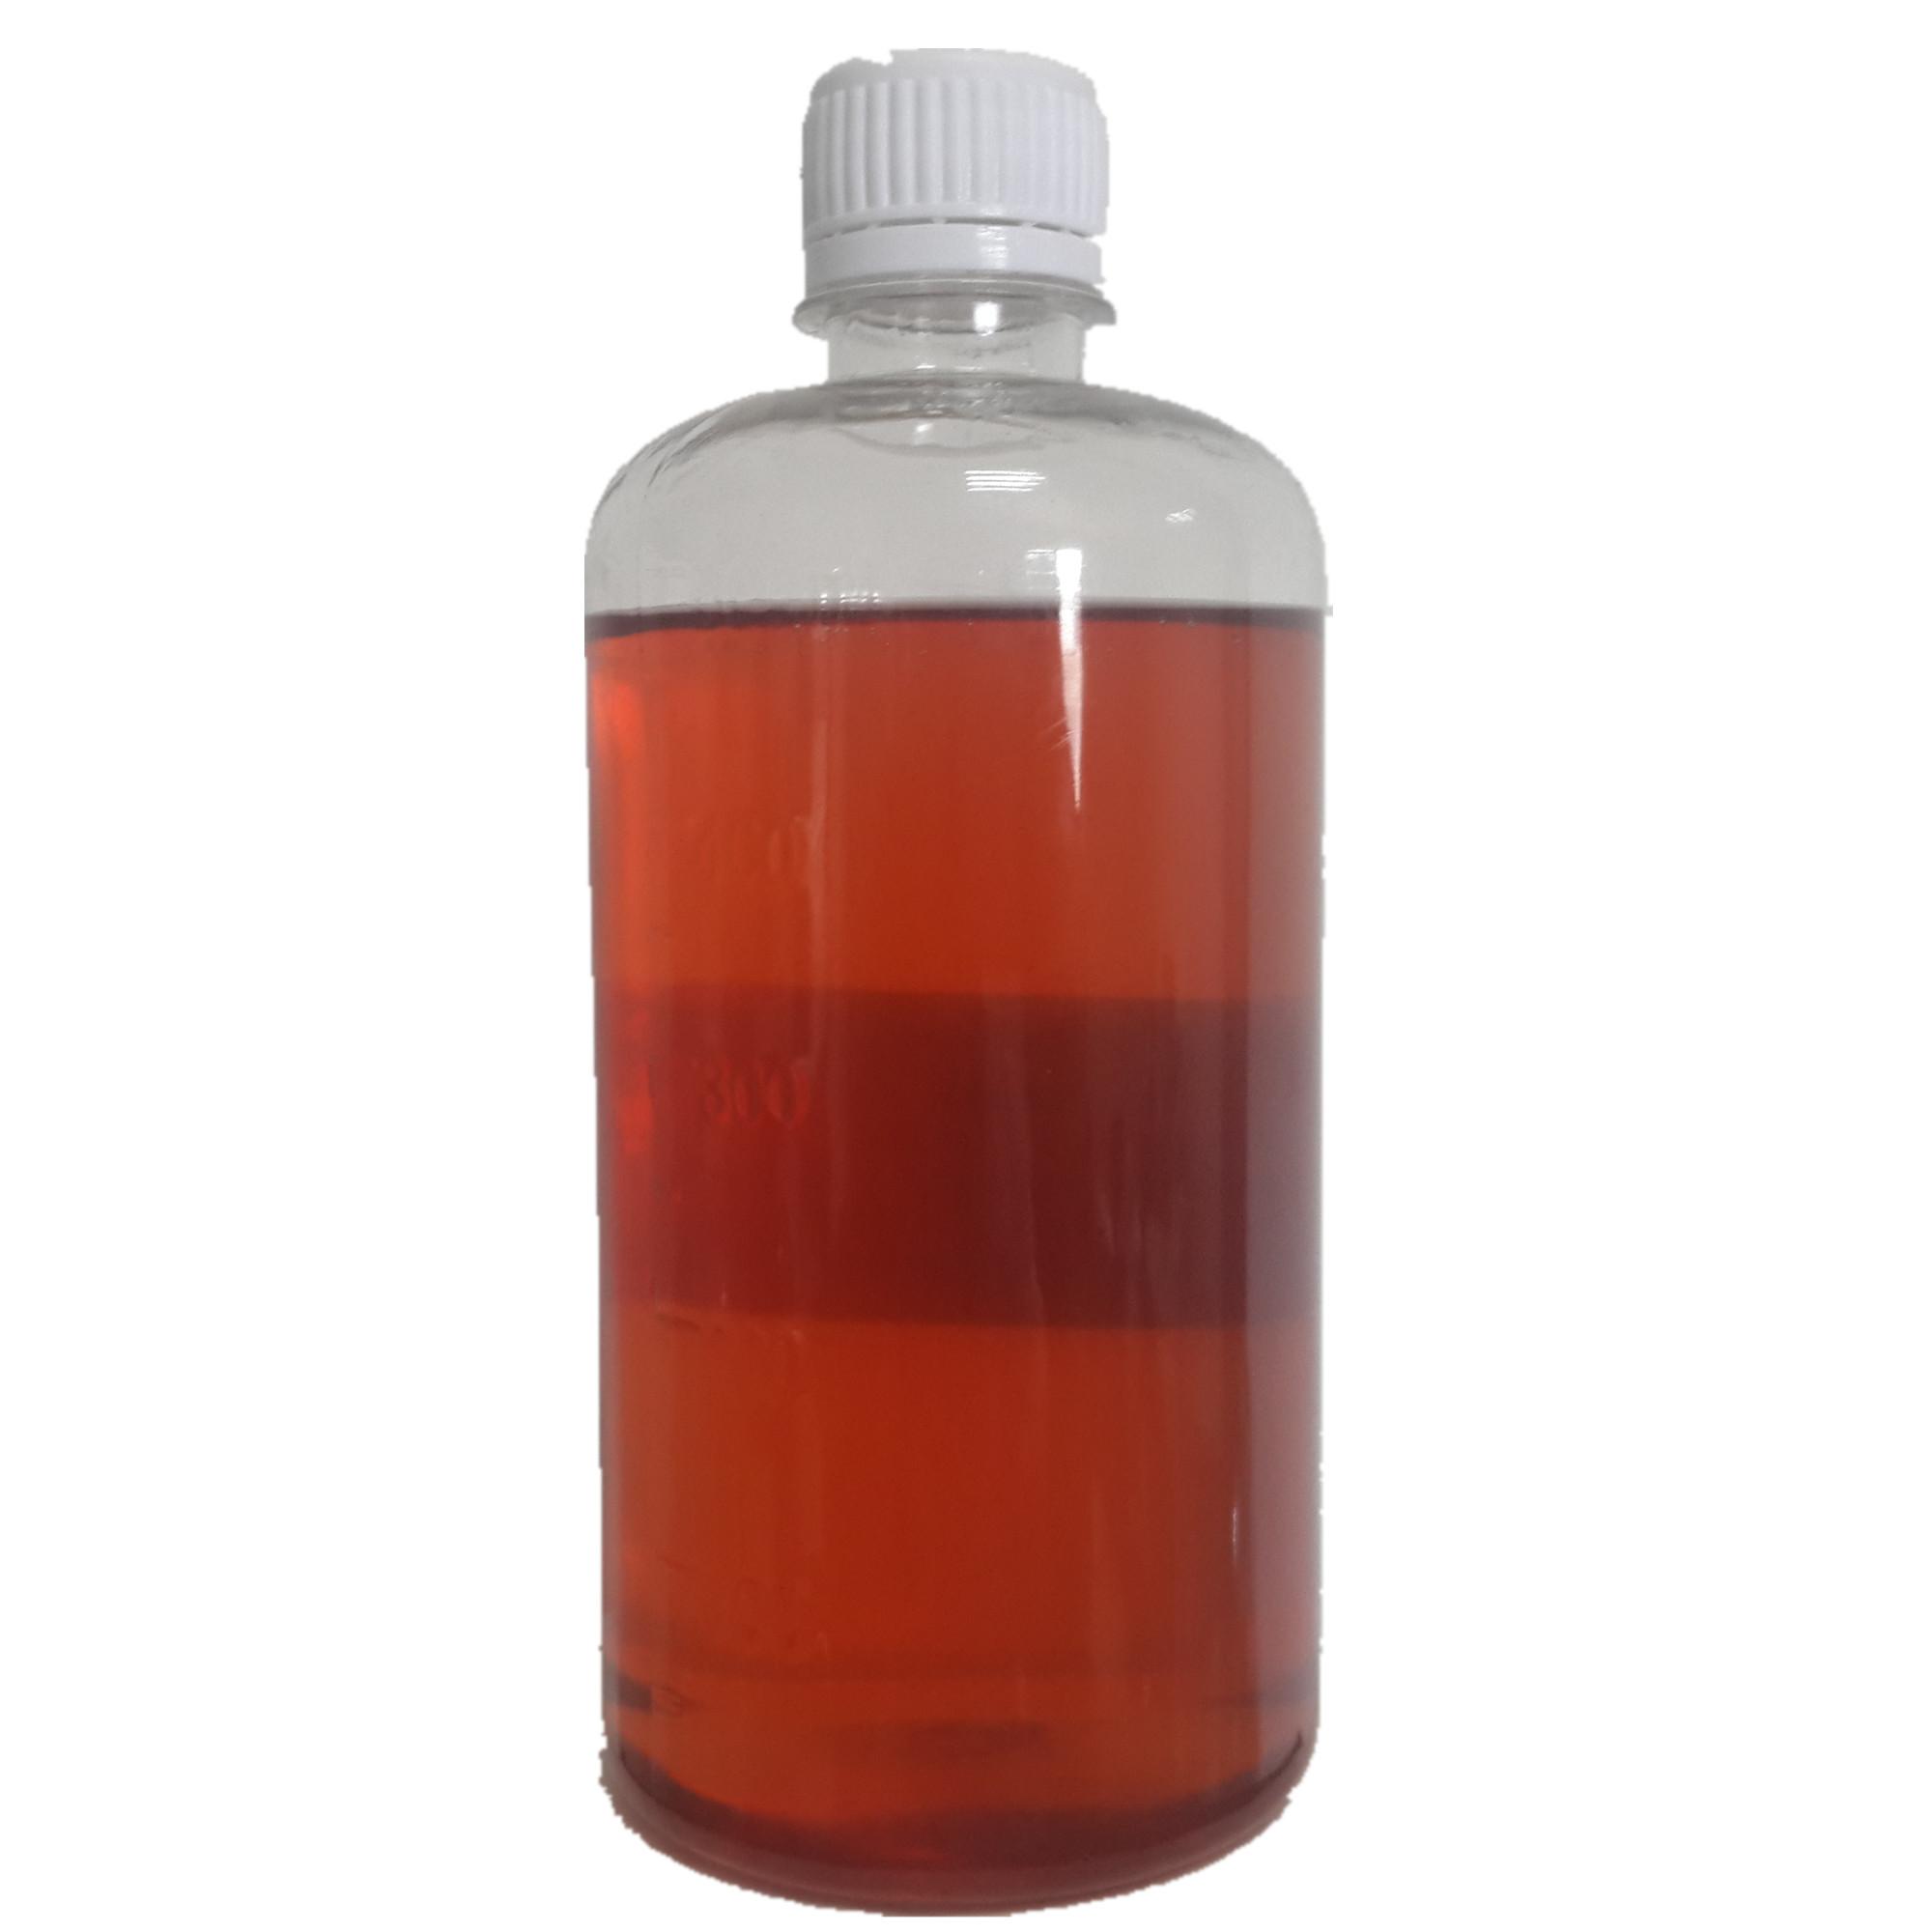 【Пекин Сяо белый овца】 Полуфабрикат красный Трансмиссионное масло MT90 GL-4 75W90 0.475L